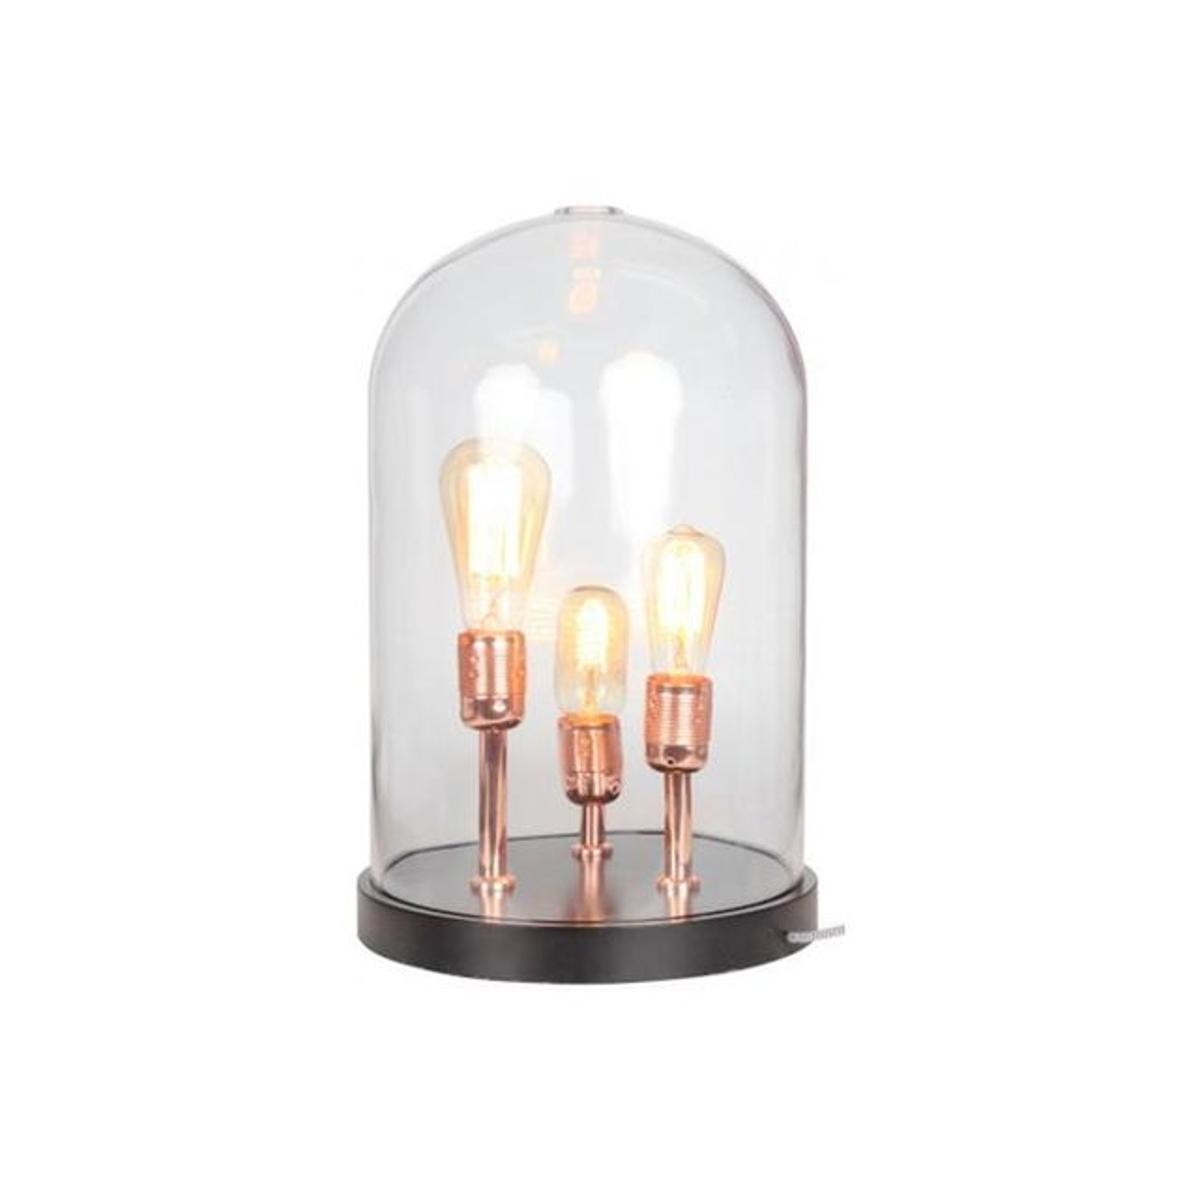 Lampe A Poser Socle En Bois Noir Cloche En Verre Trois Ampoules KUPFER